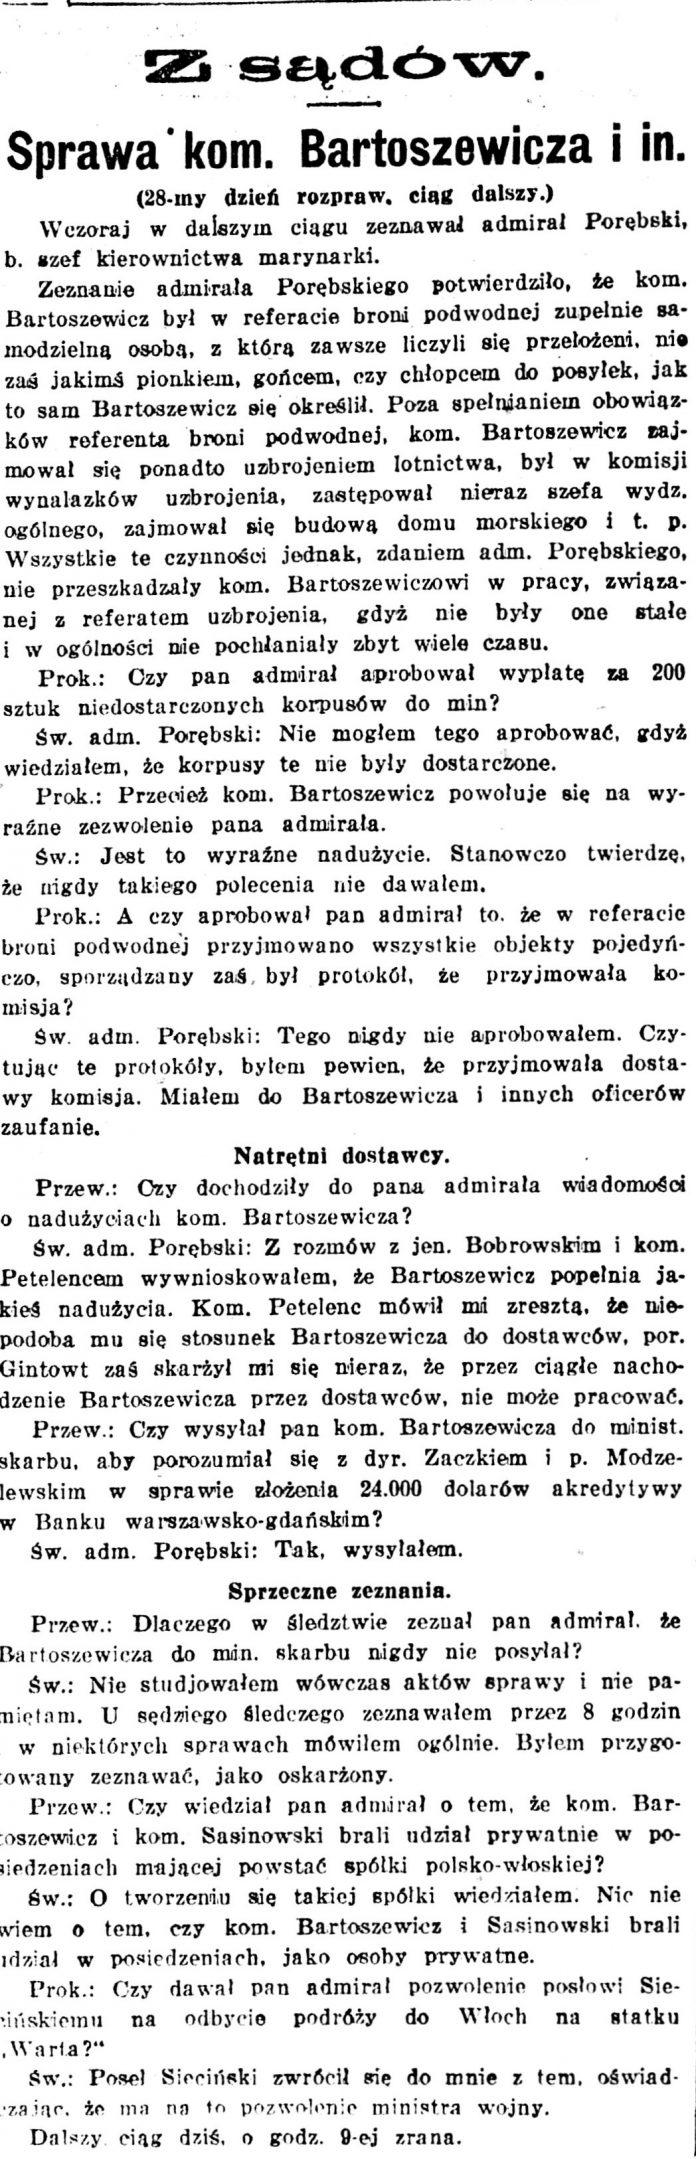 Sprawa kom. Bartoszewicza i in. // Kurjer Warszawski. - 1926, nr 315, s. [brak danych]